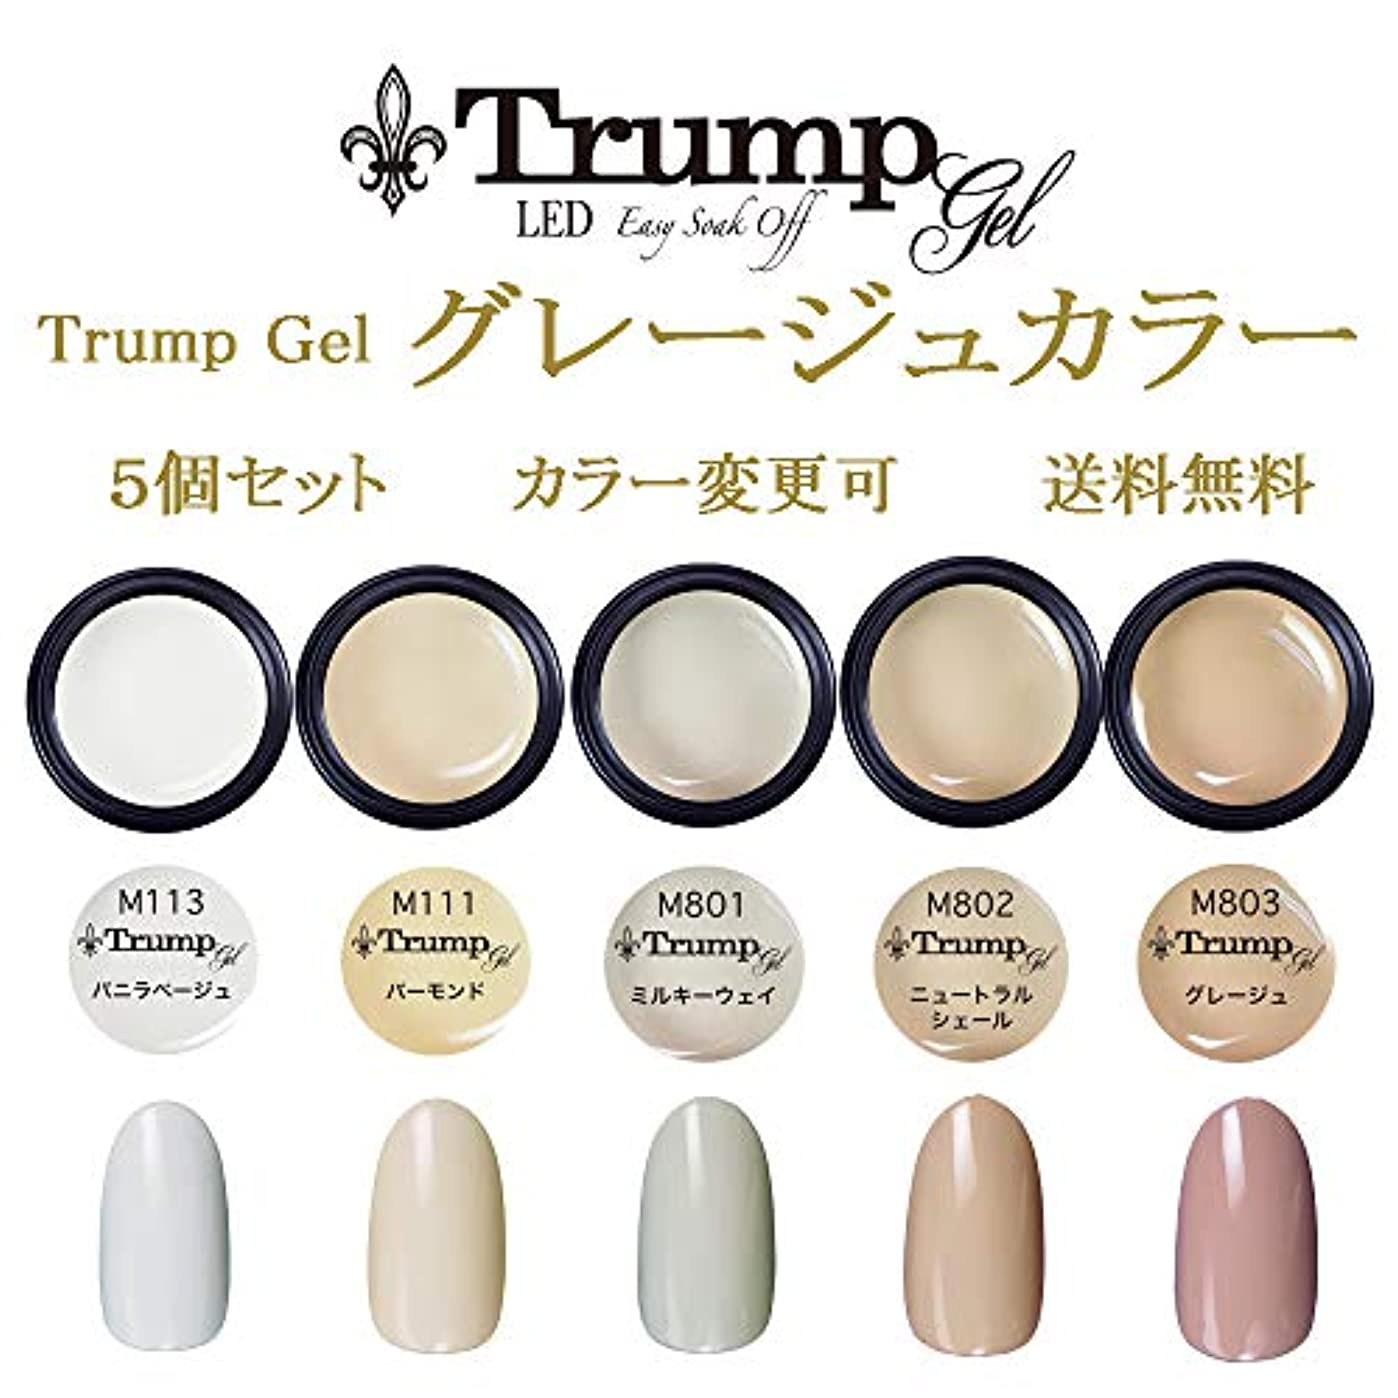 トラクター迷路呪われた日本製 Trump gel トランプジェル グレージュカラー 選べる カラージェル 5個セット ホワイト ベージュ ピンク スモーク